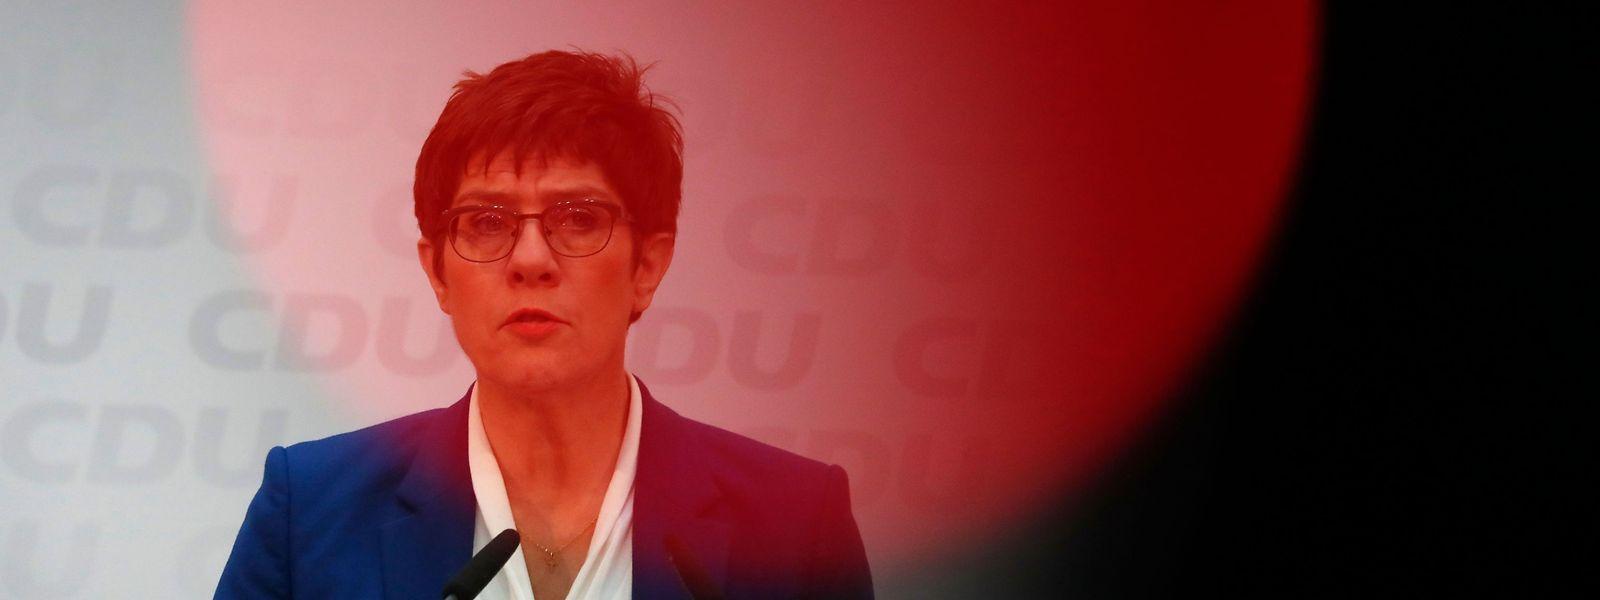 Die glücklose CDU-Chefin Annegret Kramp-Karrenbauer gibt ihre Ambitionen auf die Kanzlerkandidatur auf.